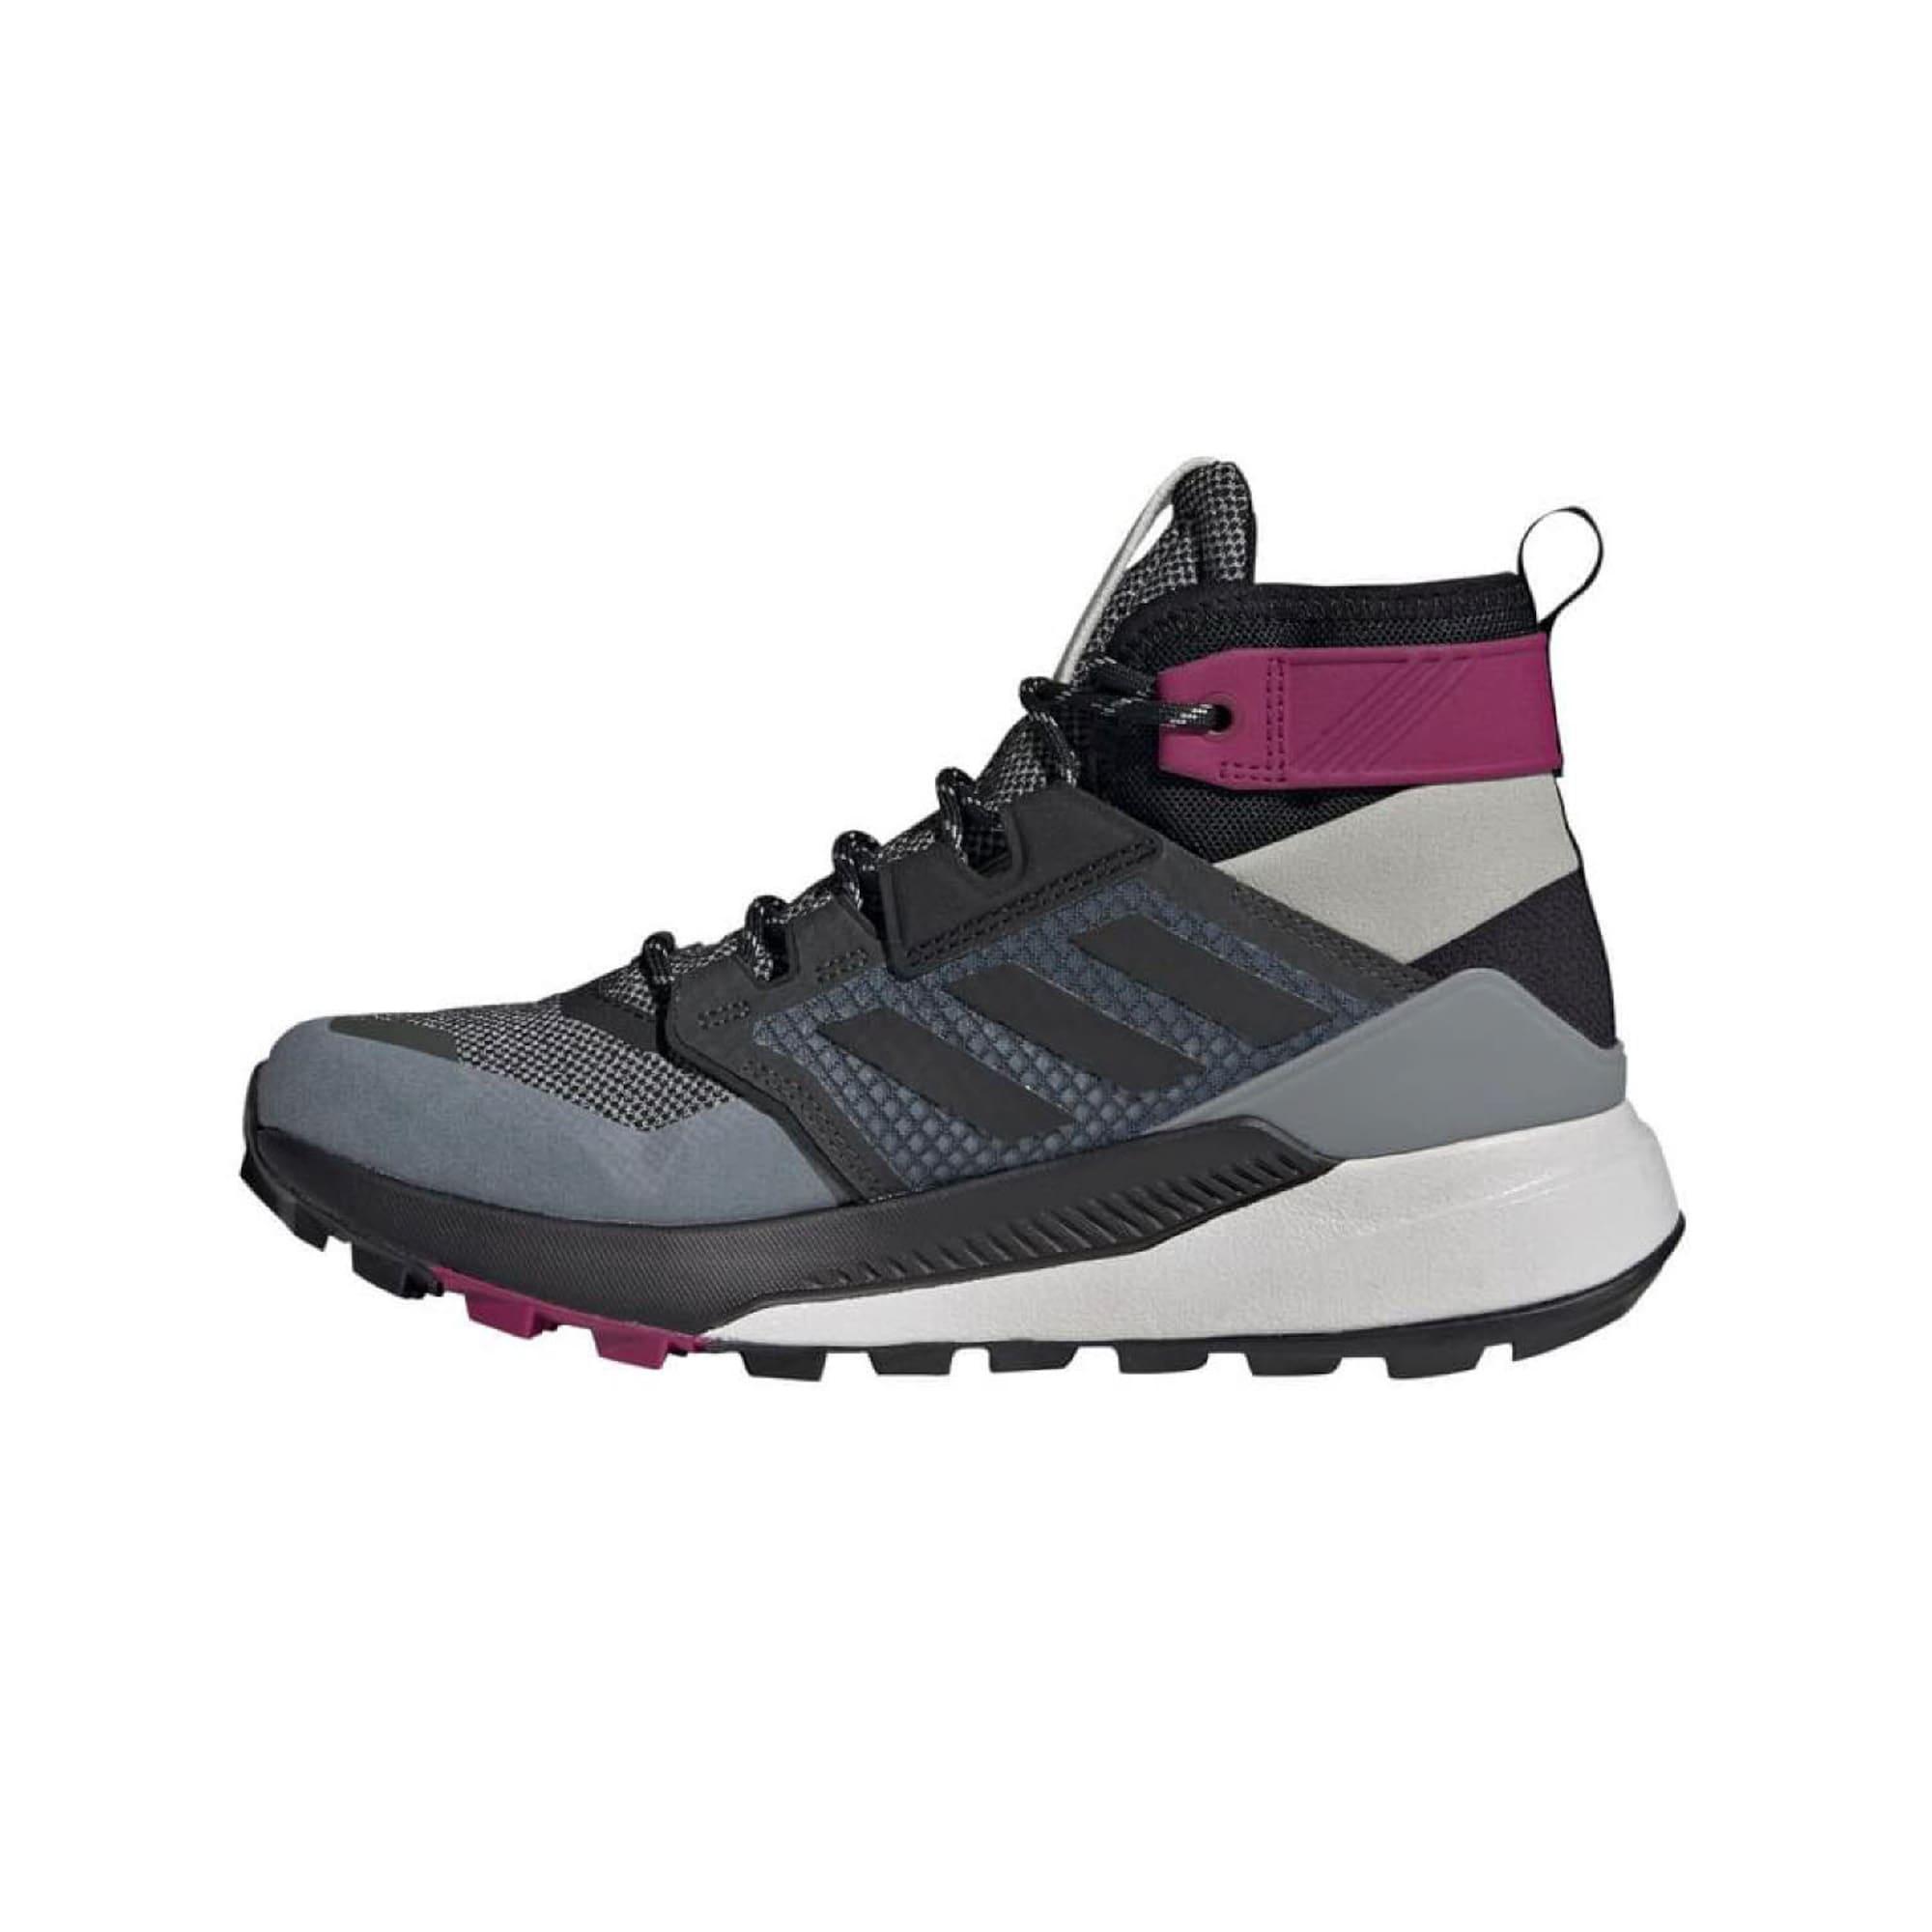 ADIDAS PERFORMANCE Auliniai batai juoda / pilka / šviesiai pilka / eozino spalva / mėlyna dūmų spalva